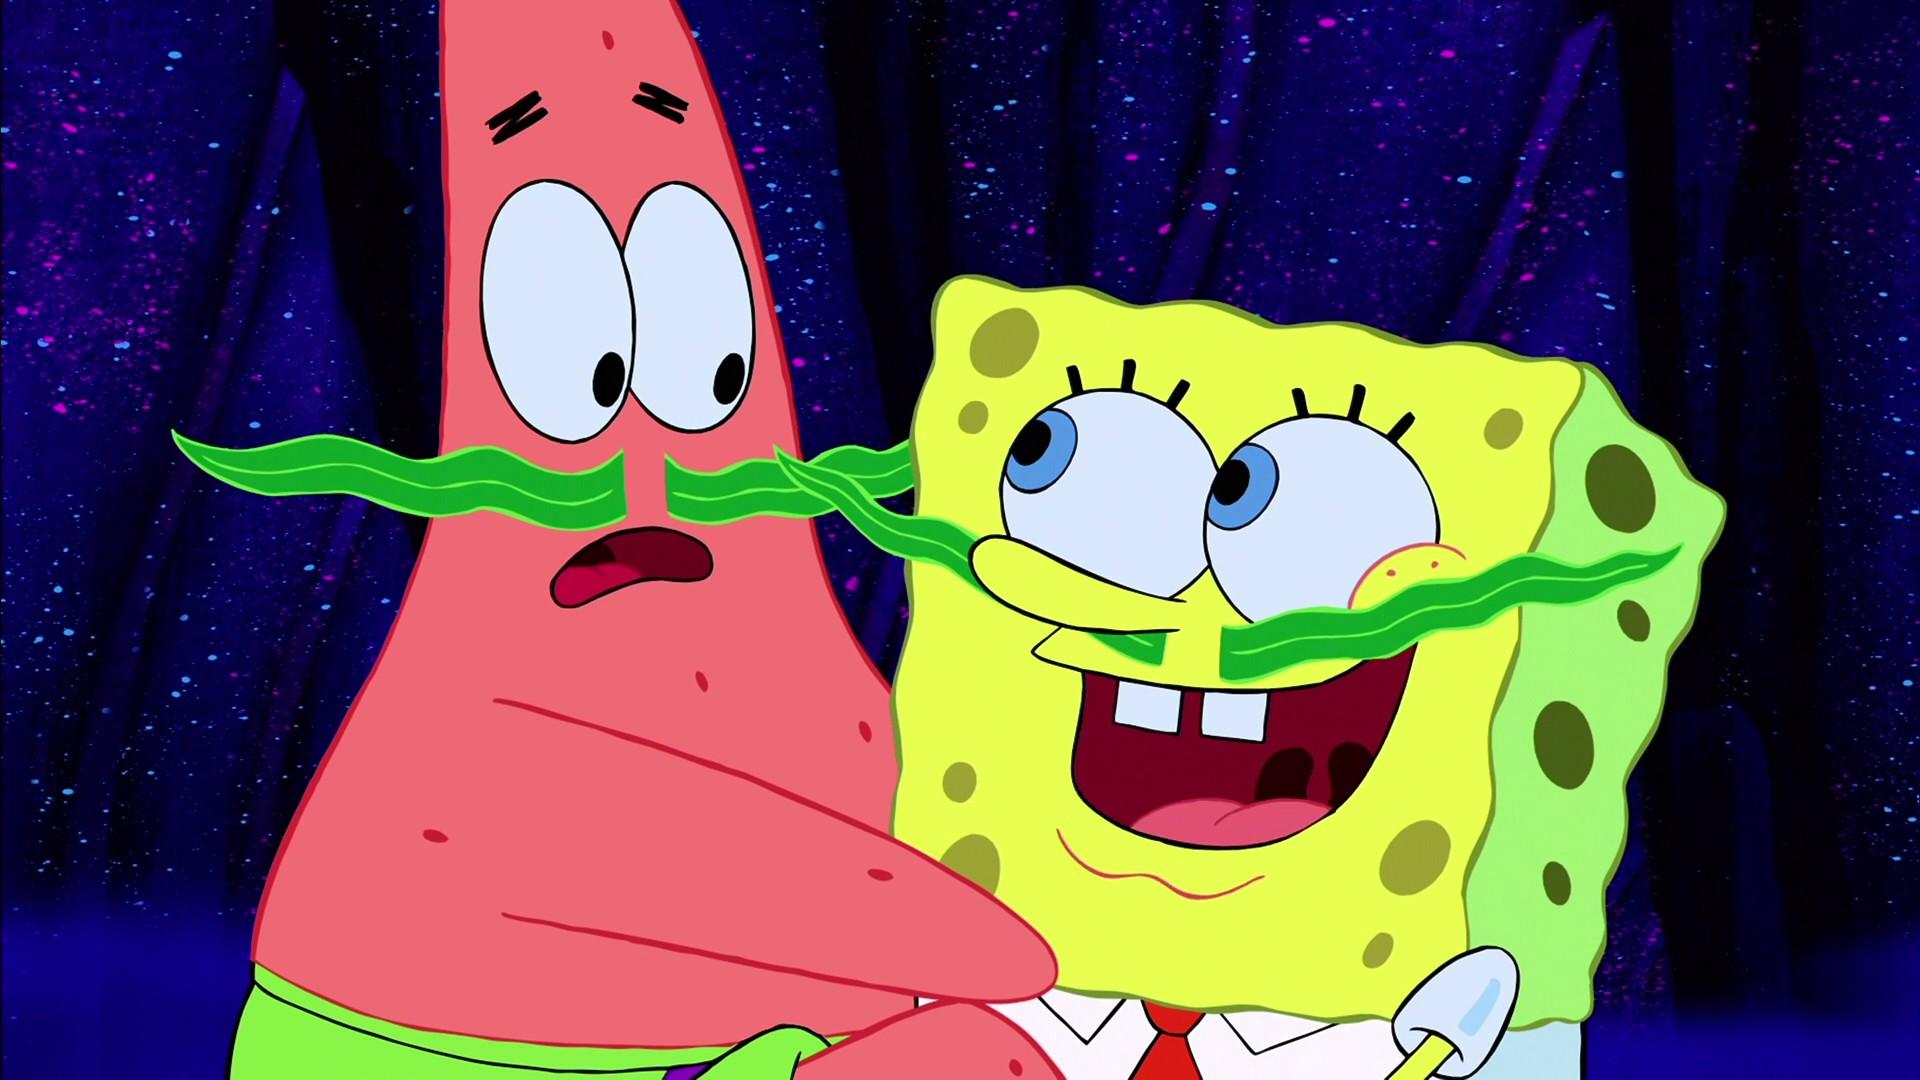 Funny Spongebob Hd Wallpaper